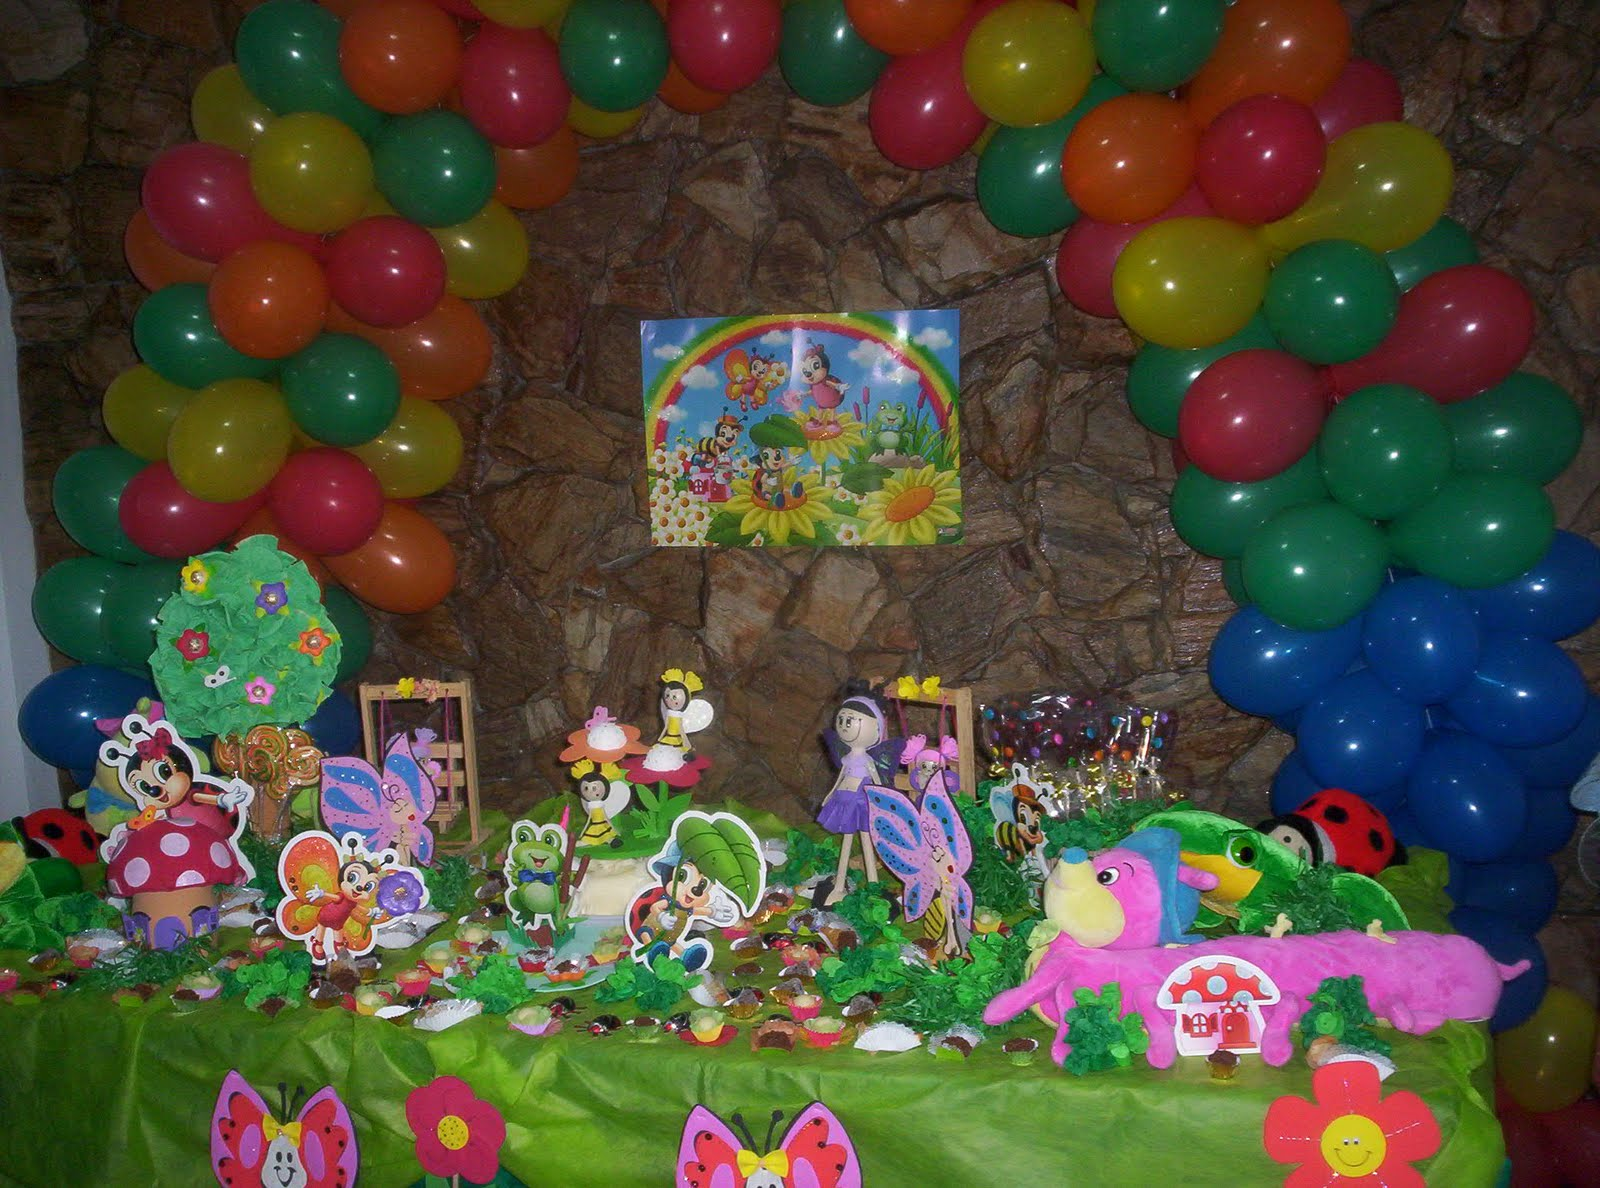 mesa infantil jardim:ENCANTARTE CULINARIA E ARTE: DECORAÇÃO JARDIM ENCANTADO